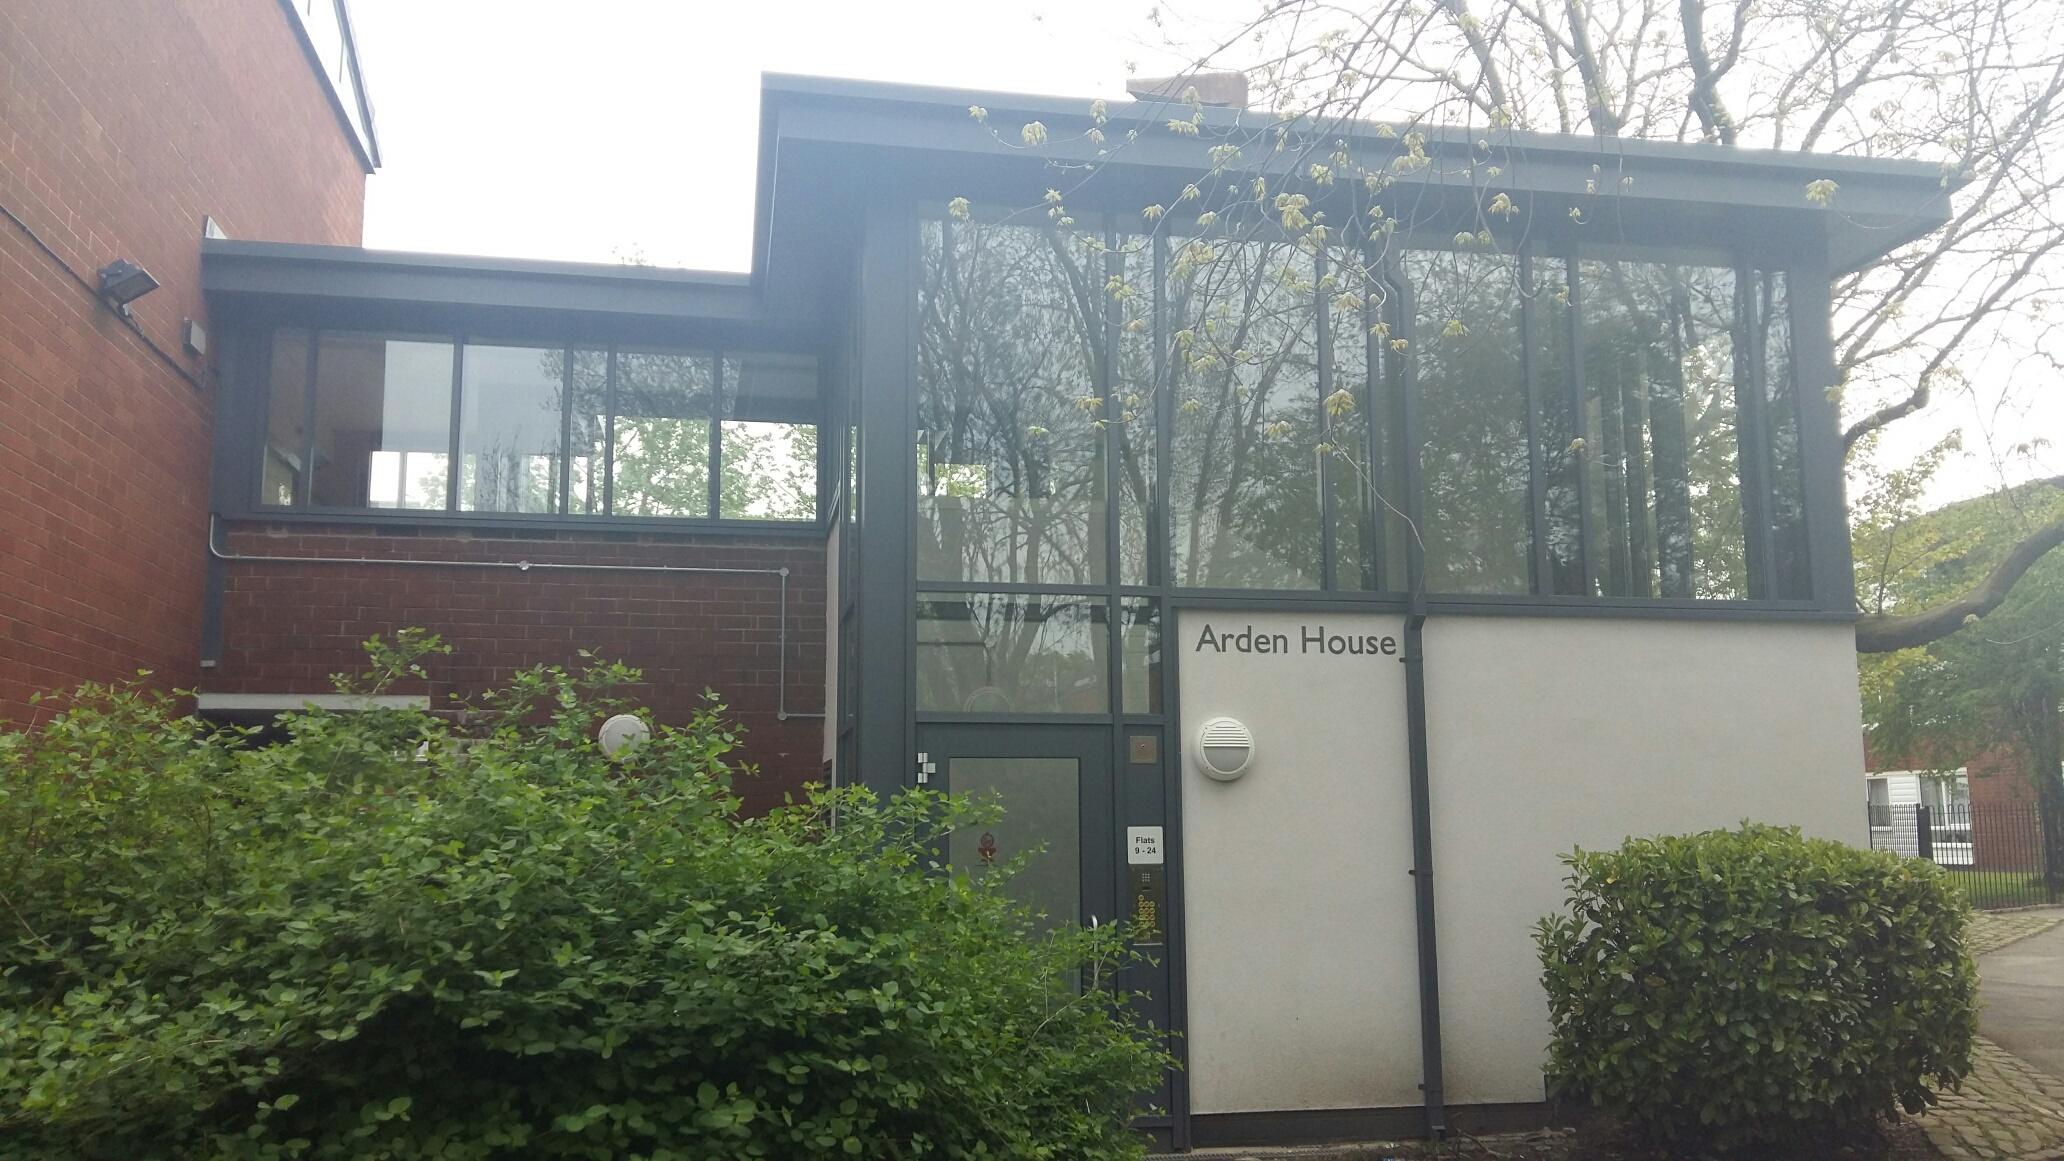 Royton Hall Park